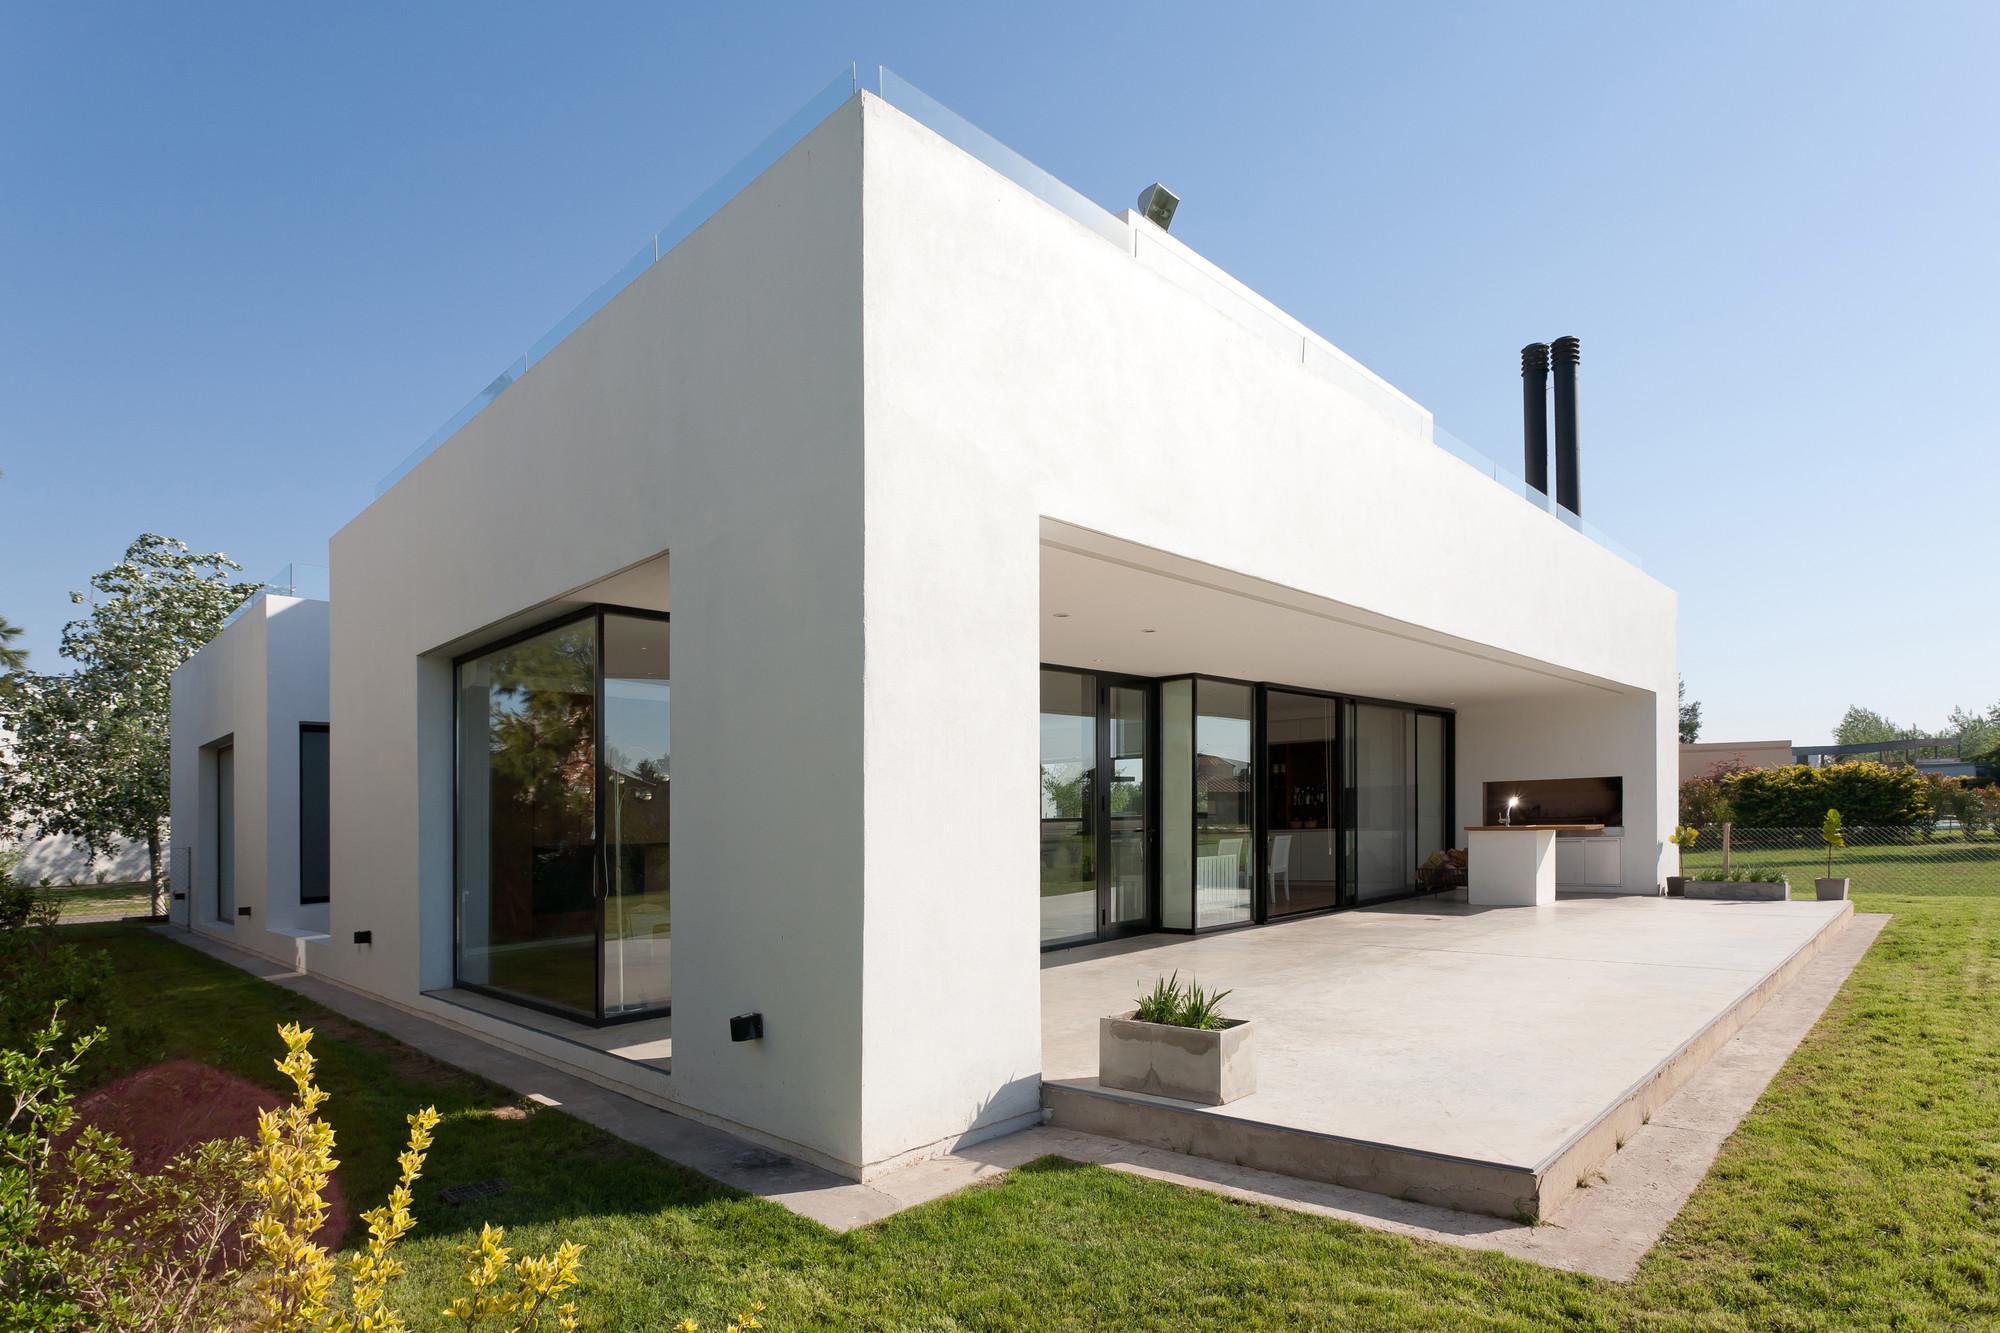 Mc house vismaracorsi arquitectos archdaily for Casa de arquitectos